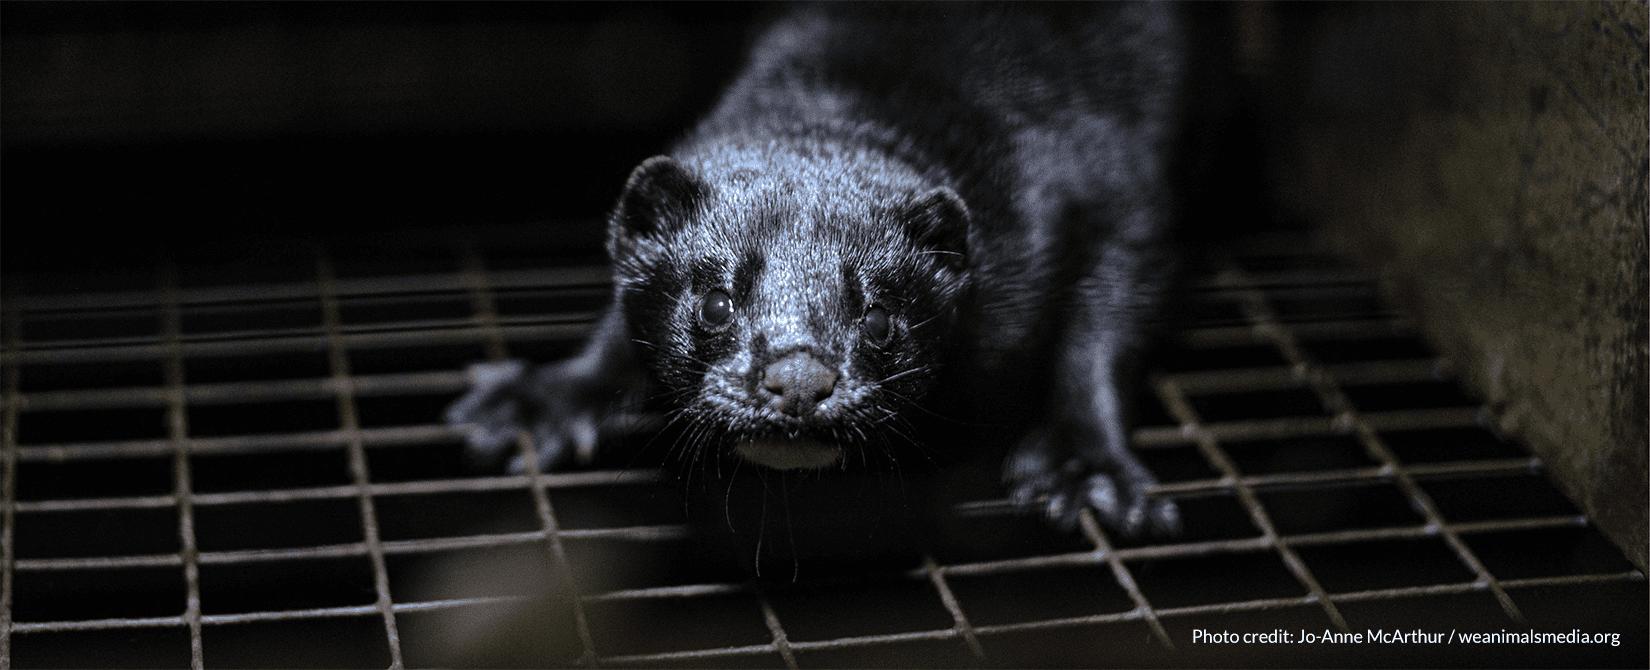 scared mink kit in dark cage